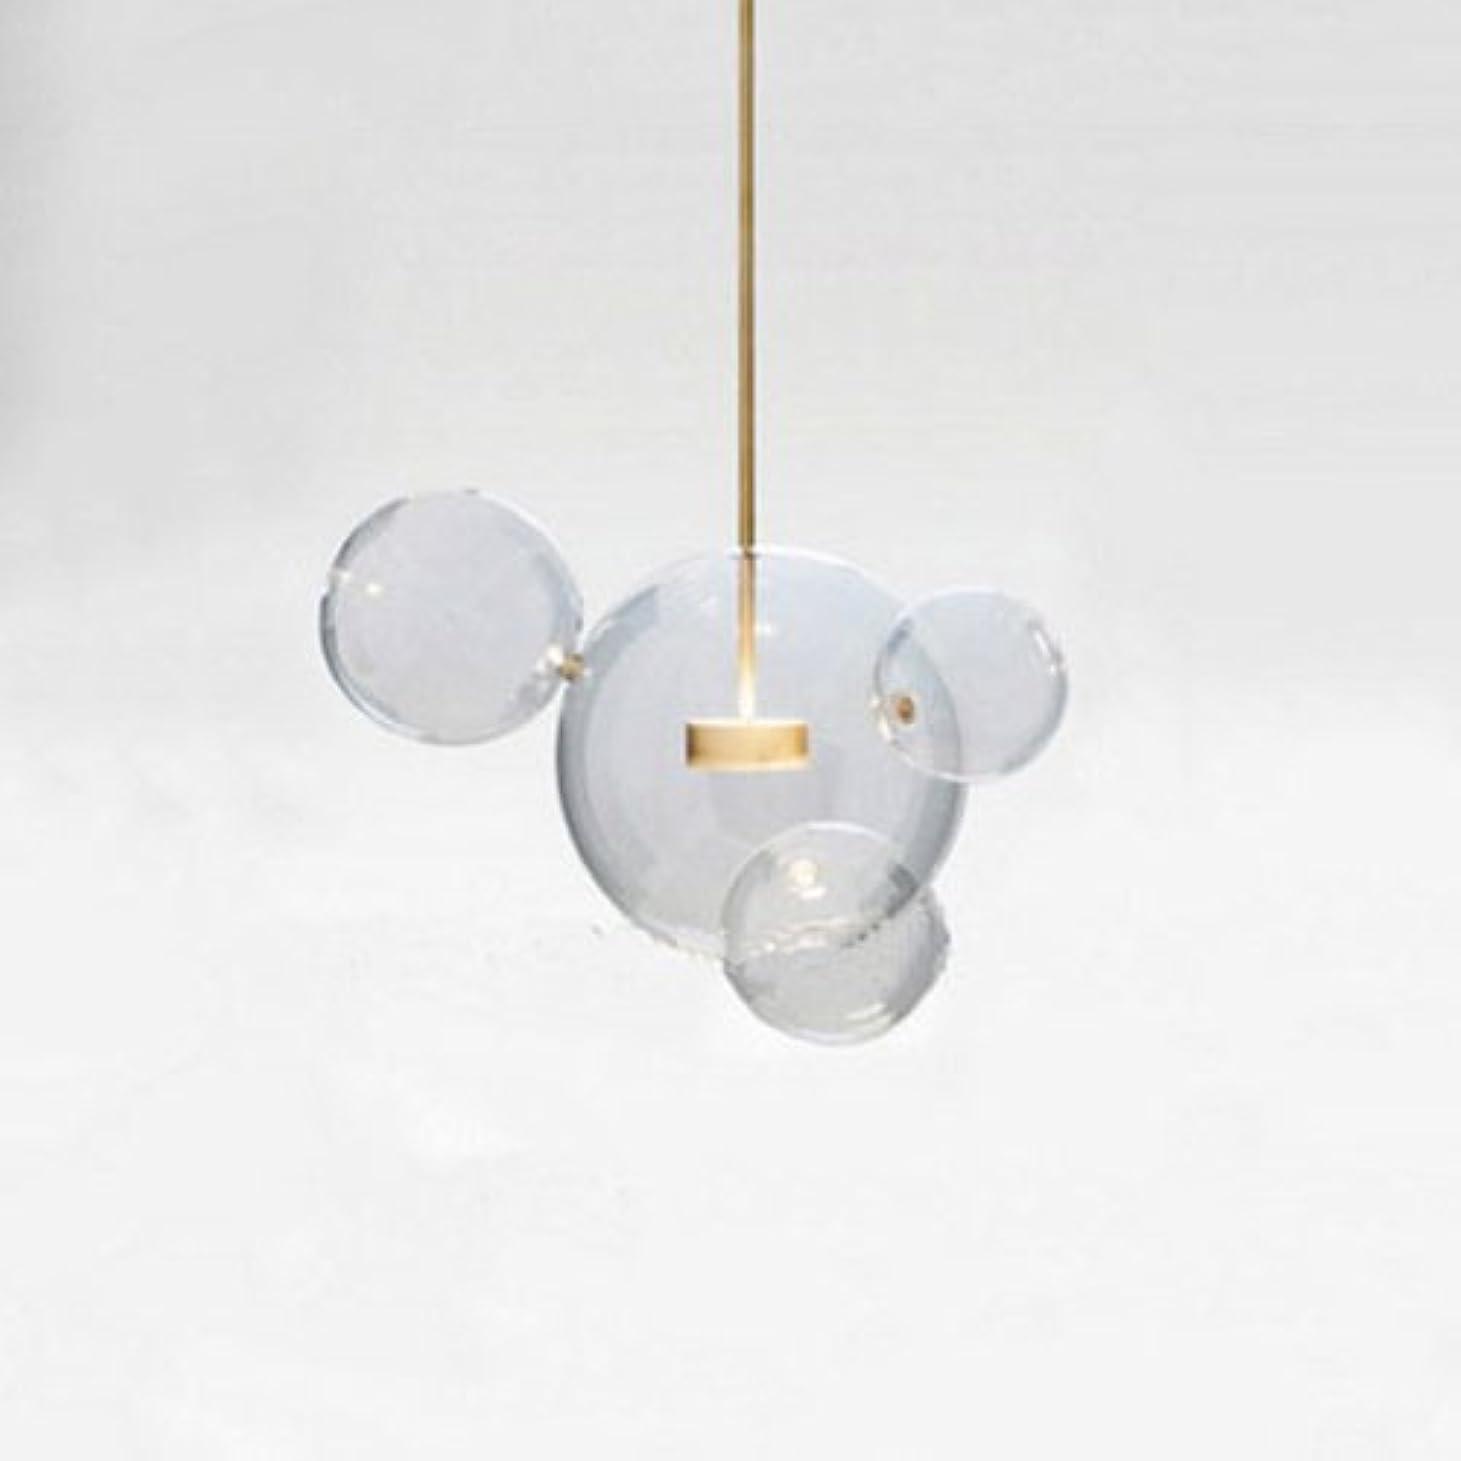 実際の僕の独立Vampsky クリエイティブ北欧透明ガラス石鹸バブル天井ペンダントライトデザイナー装飾ledガラスランタンぶら下げライト現代の要素レストランリビングルームキッチン島シャンデリアランプ (サイズ : 4 Lights)